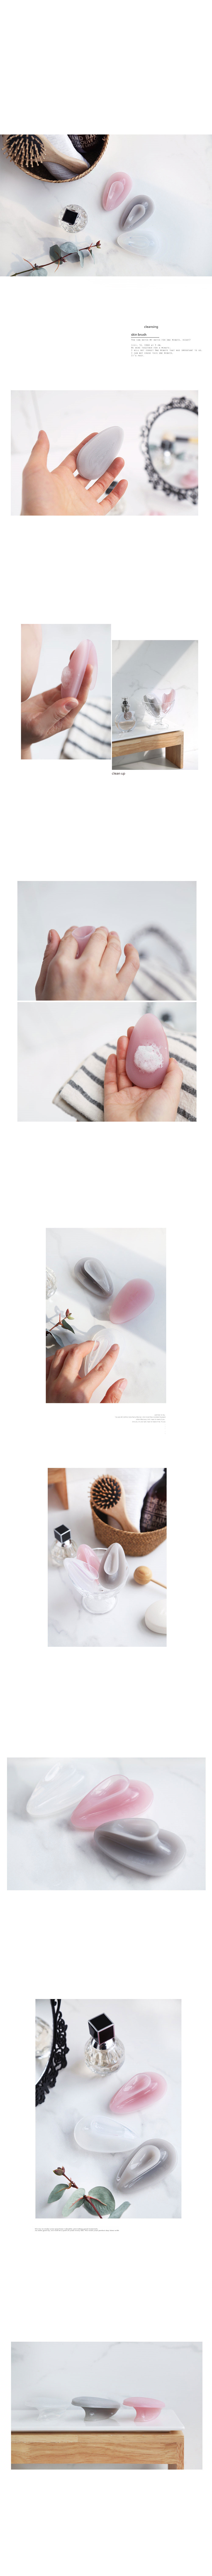 실리콘 뷰티 클렌징 브러쉬(3color)annahouse - 안나하우스, 5,500원, 클렌징, 클렌징도구/소품